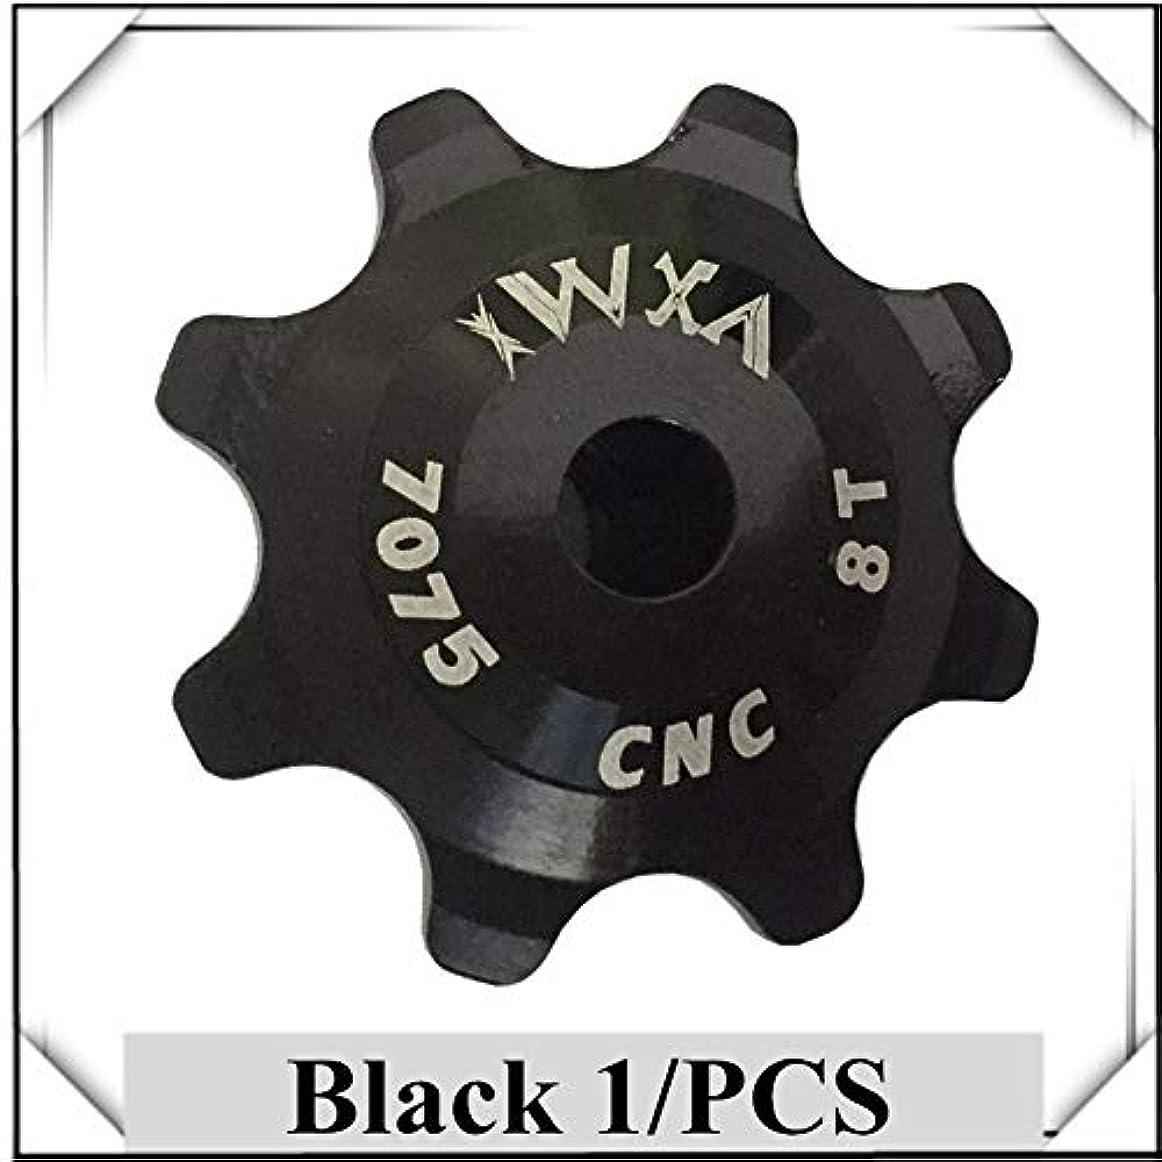 自発的教会閃光Propenary - Bicycle Ceramics Jockey Wheel Rear Derailleur Pulley 8T 7075 Aluminum alloy Cycling guide pulley bearing bicycle parts [ Black ]